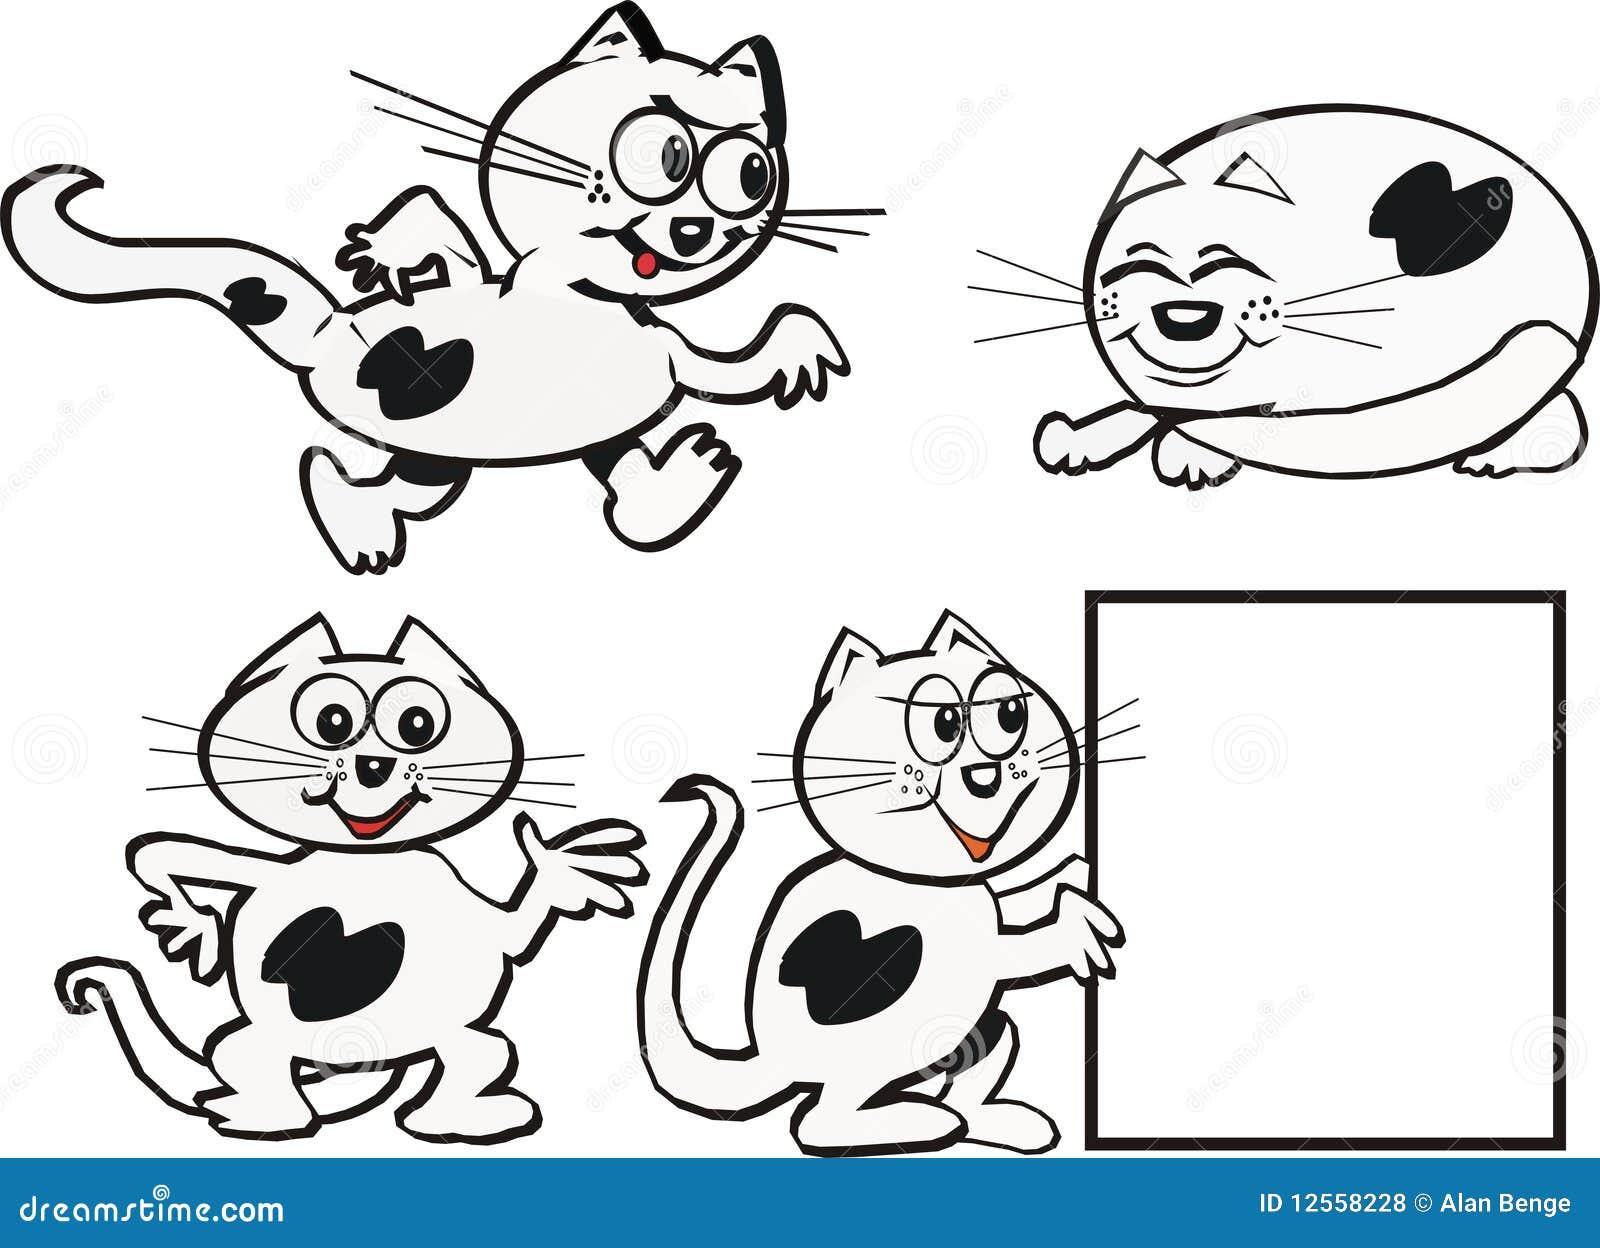 动画片猫 免版税库存照片图片